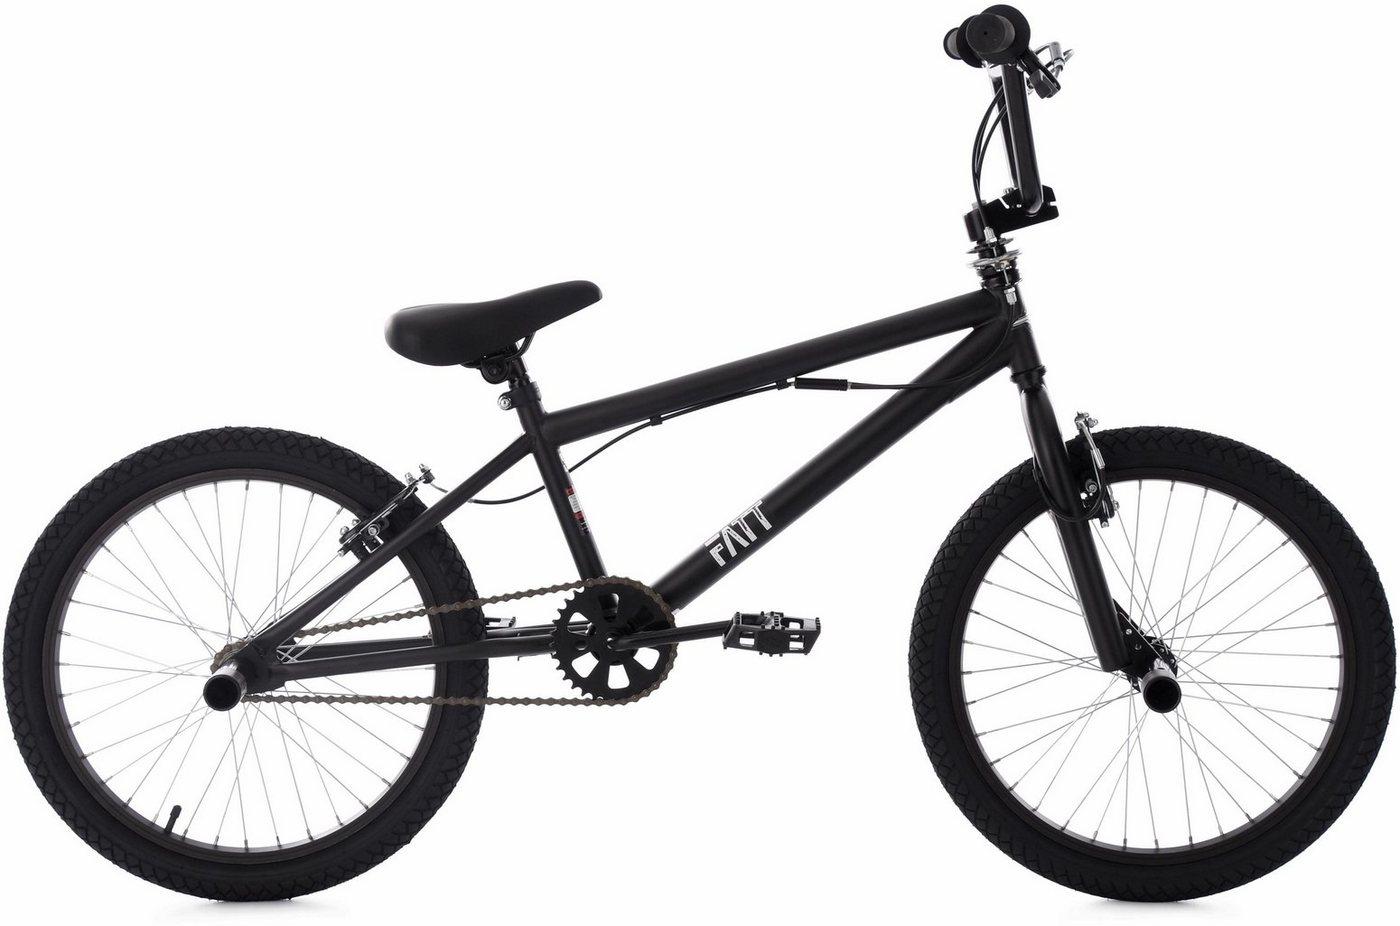 Image of BMX-Fahrrad Fatt 20 Zoll, schwarz